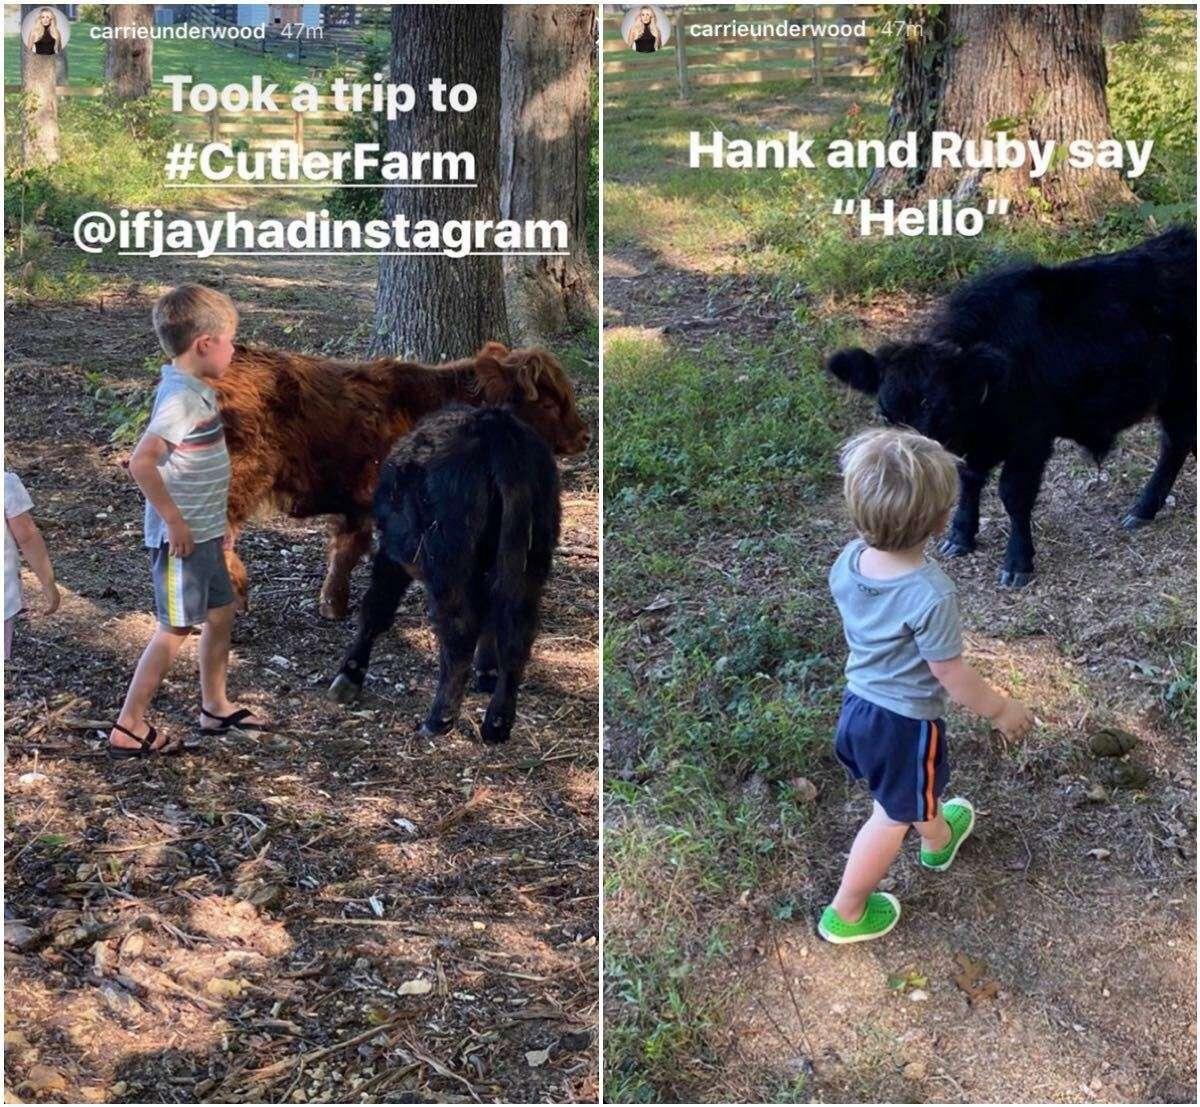 Carrie Underwood Jay Cutler farm 2